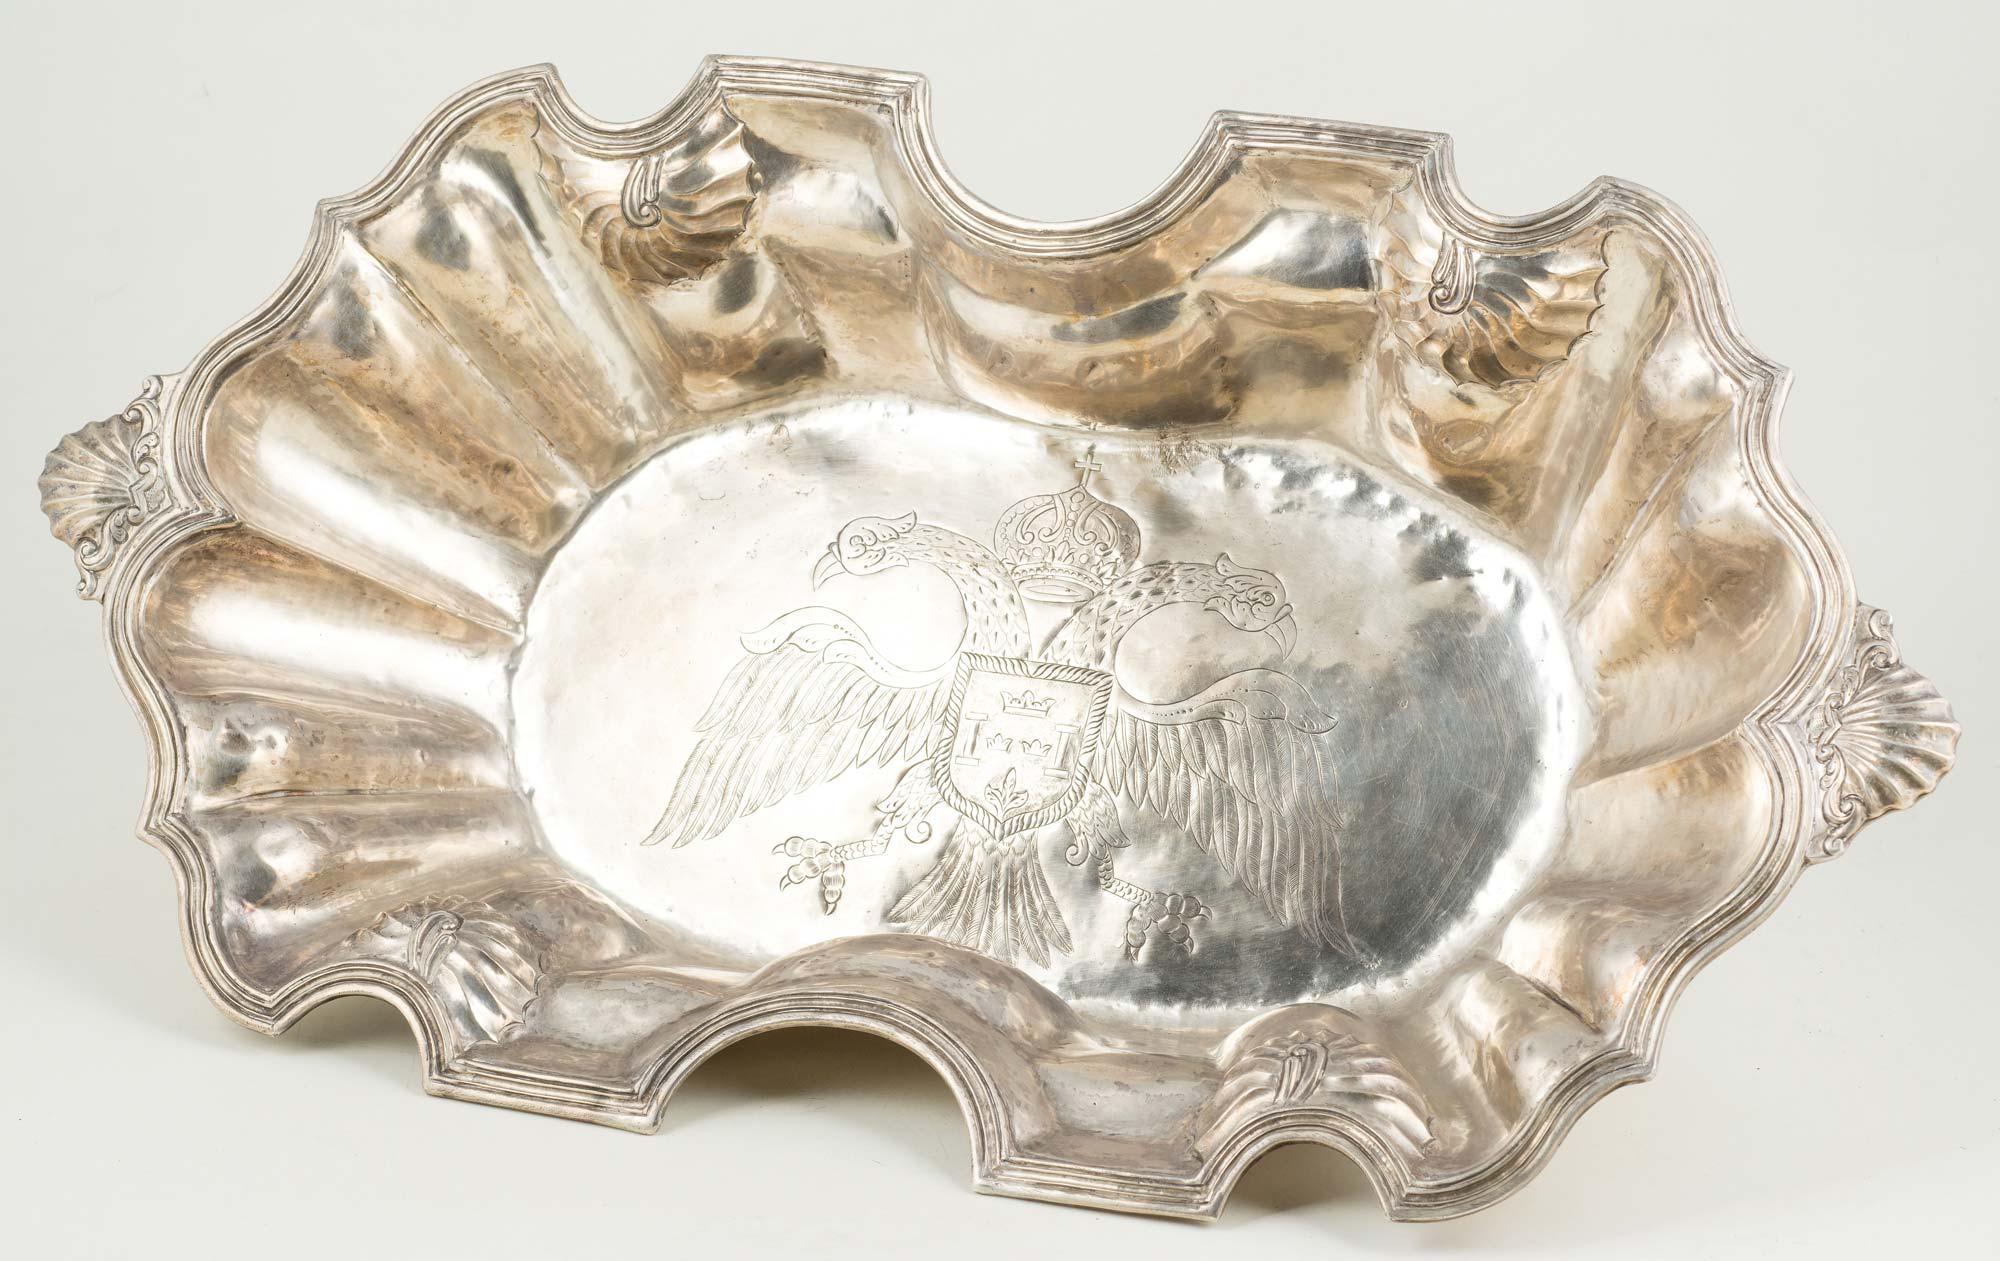 fl002_01Bacía-de-plata-repujada-y-cincelada.-Colonial-S.-XVII-XVIII.00